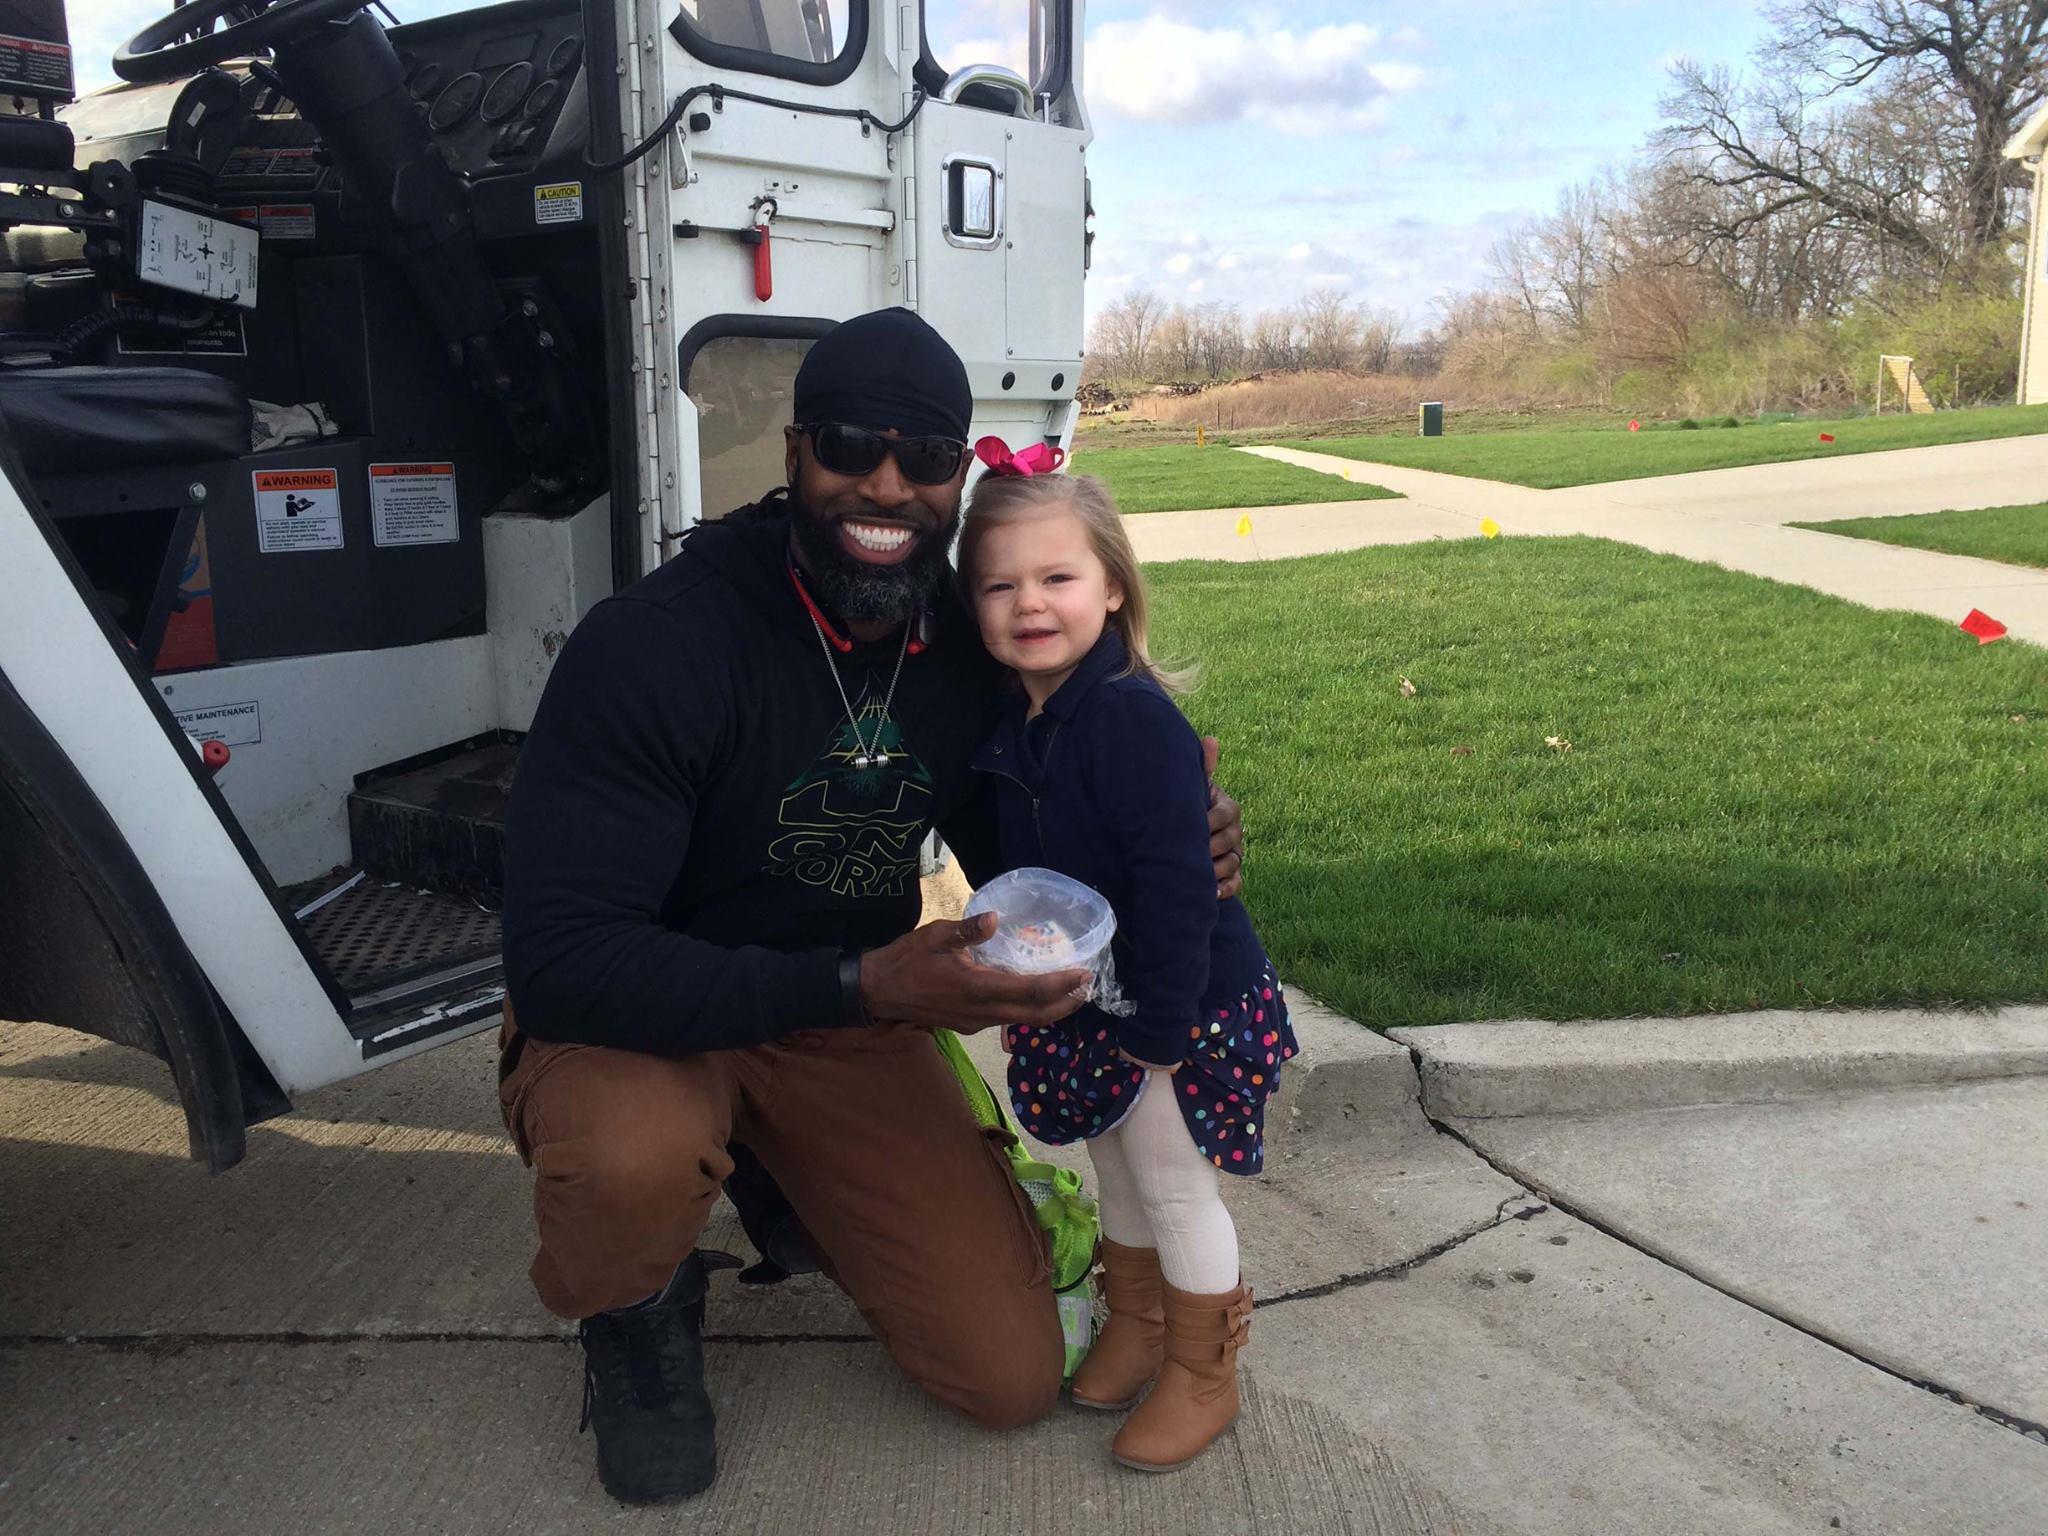 El sonriente hombre y la pequeña posan para la foto